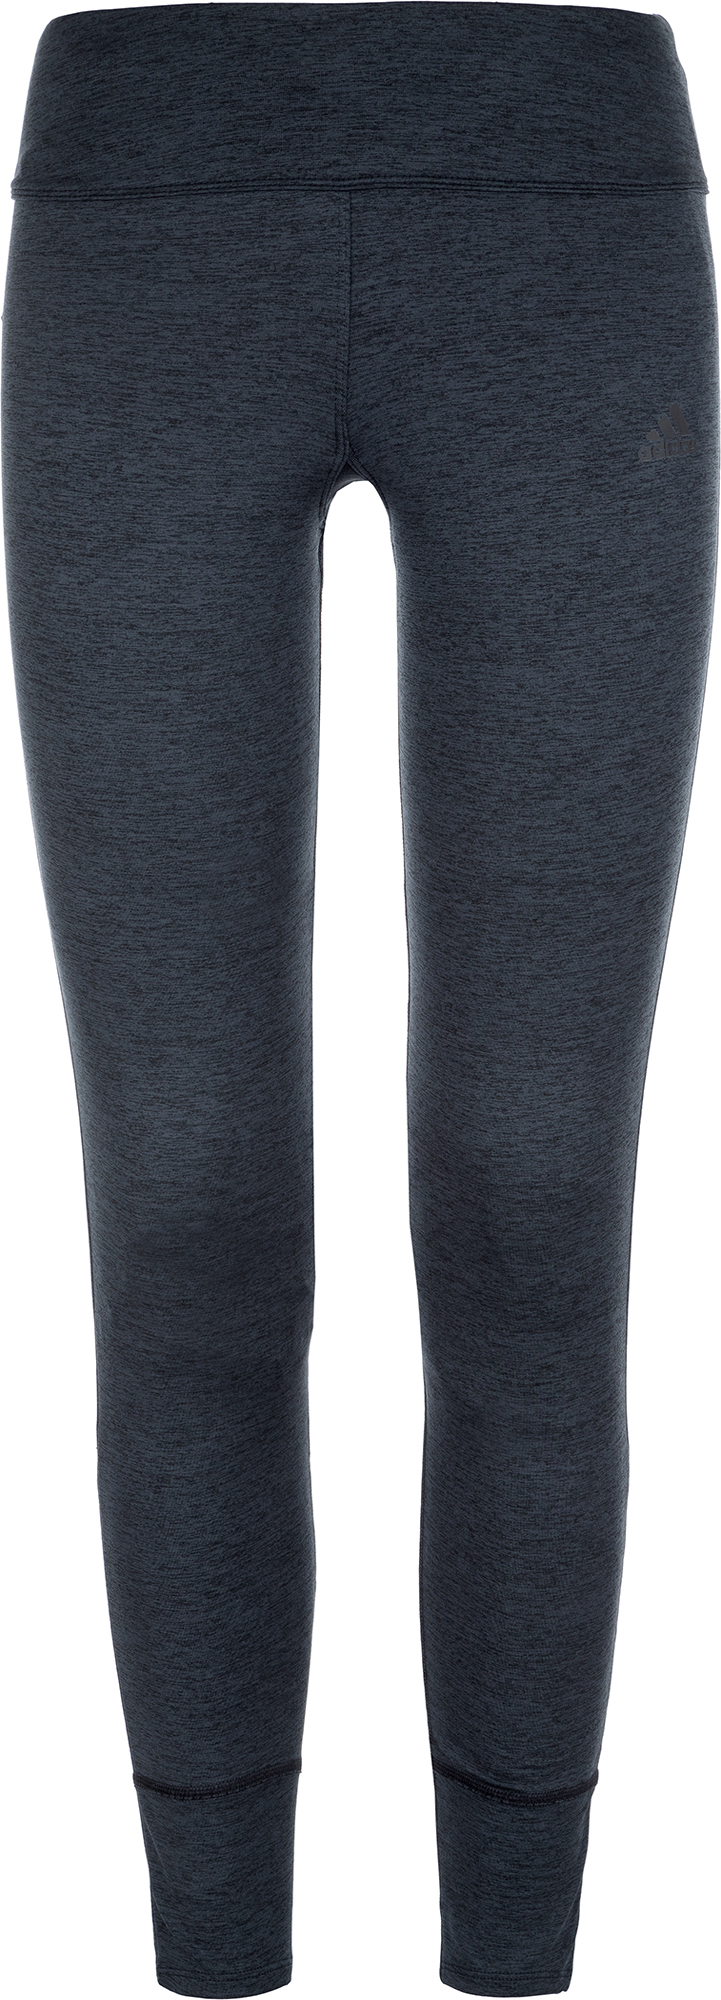 Adidas Легинсы женские Adidas Response, размер 46-48 цена